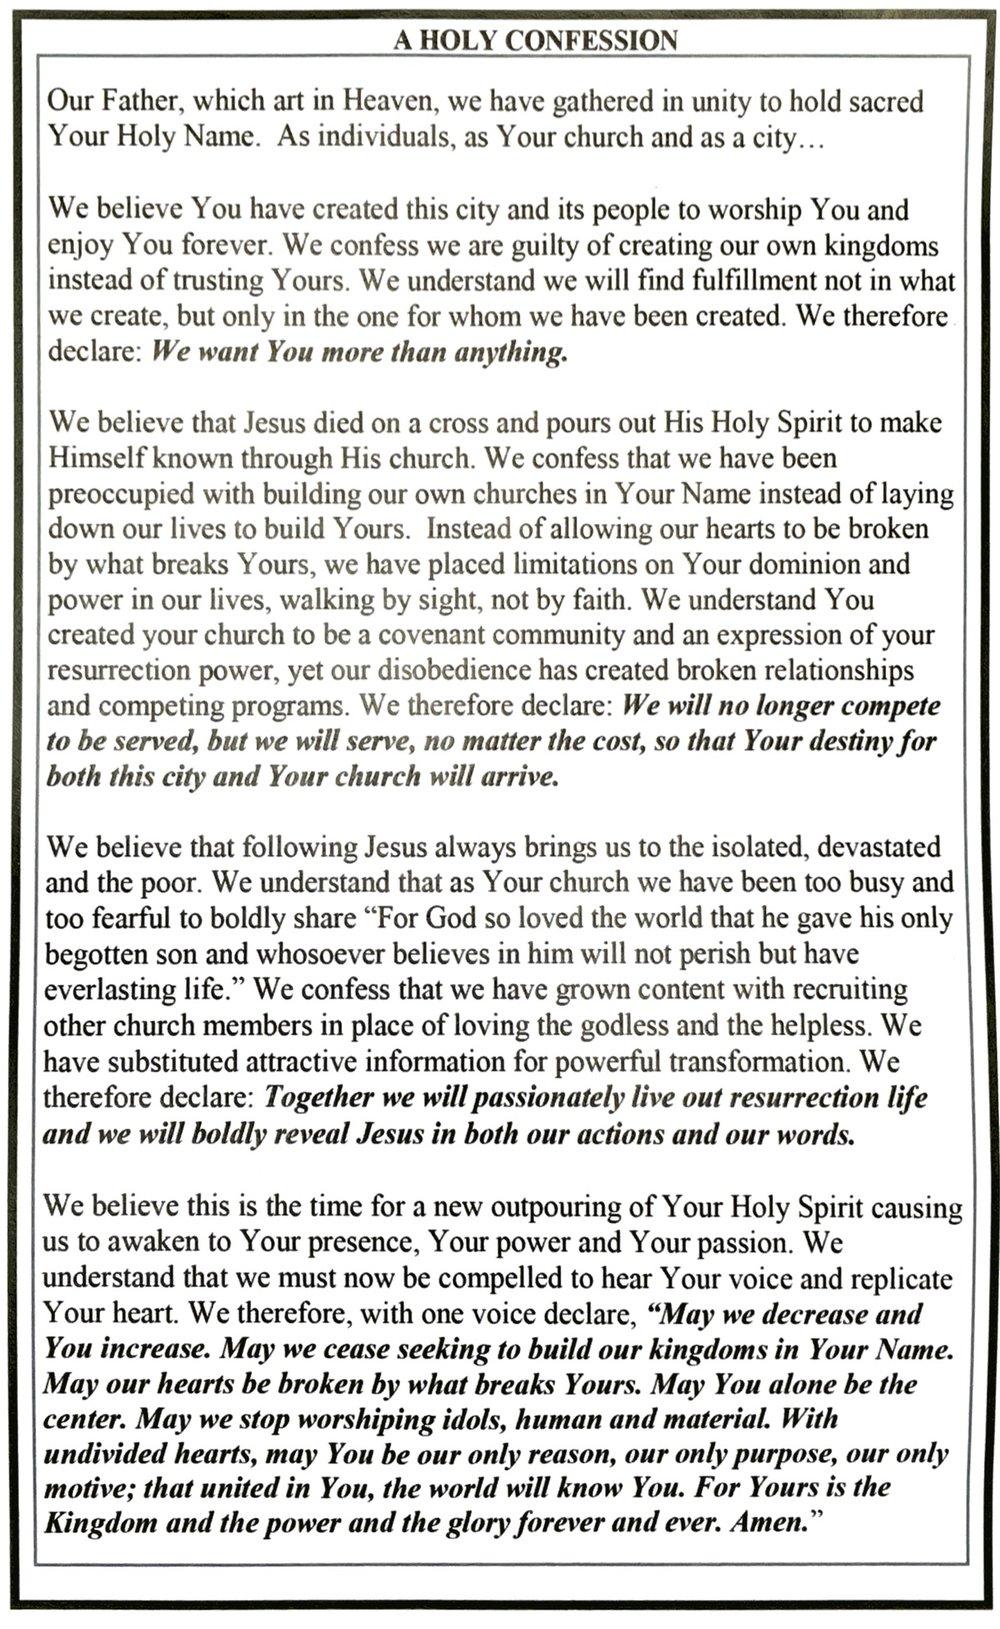 A Holy Confession - JPG.jpg